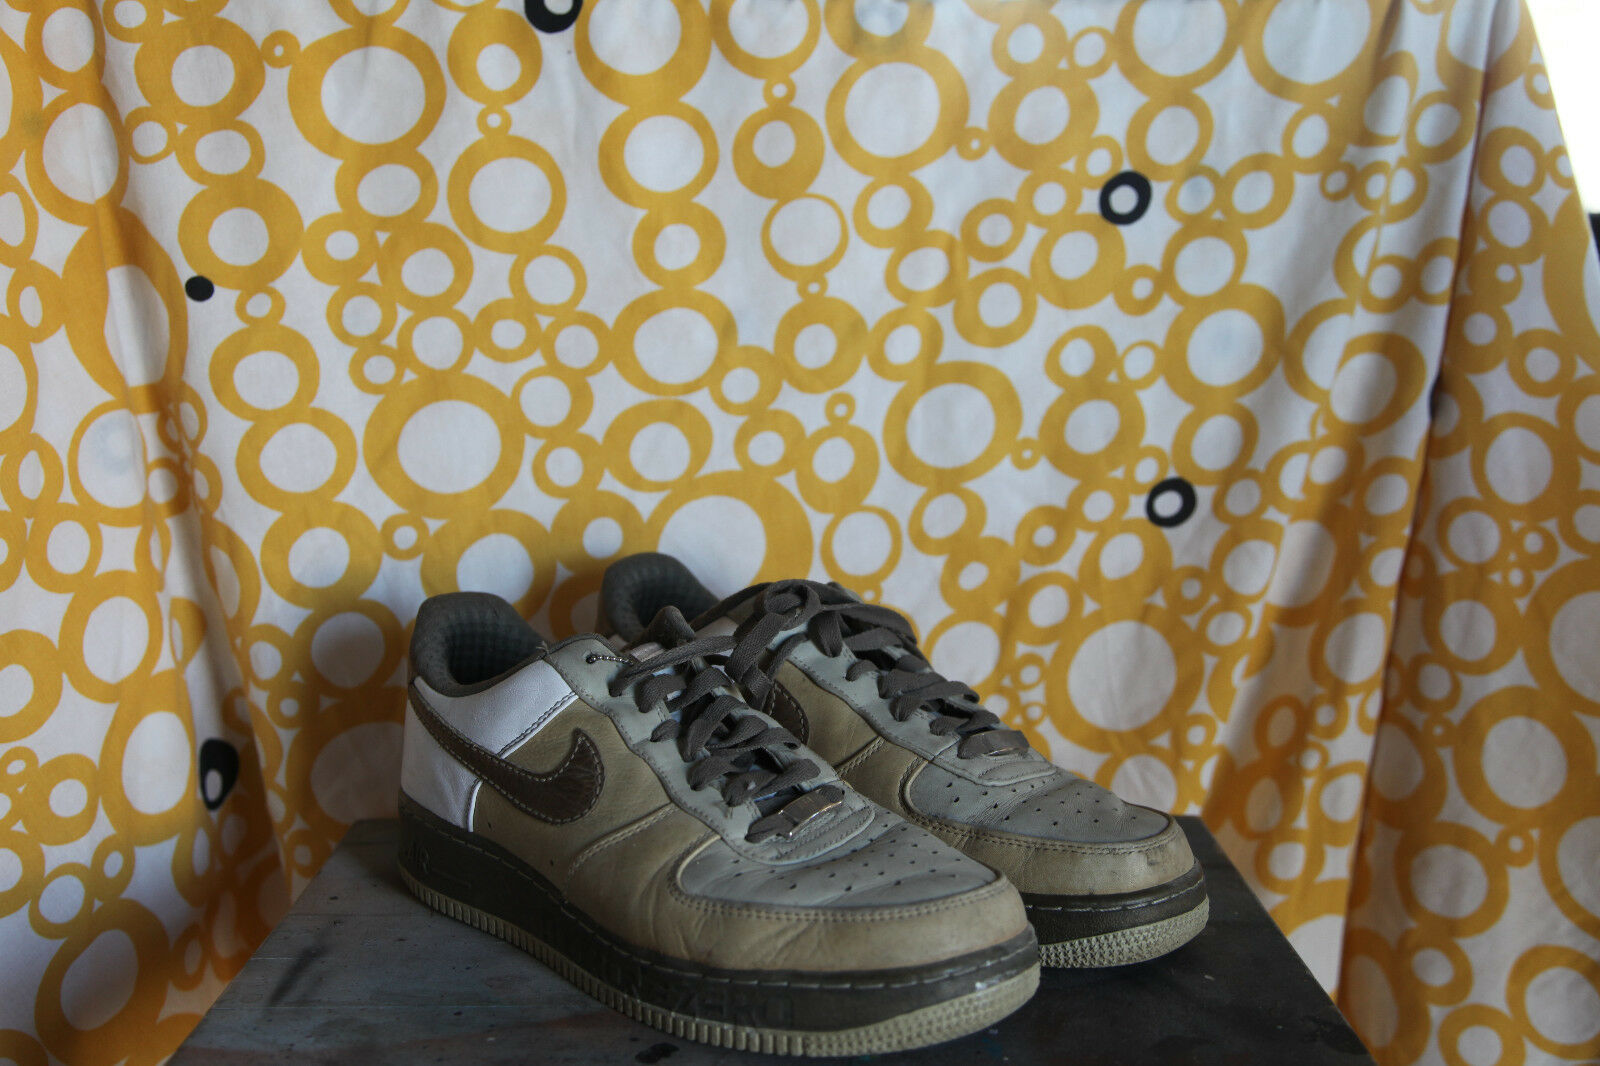 Nike AF1 82 Low Premium Tweed/Olive/White Sz US 8,5